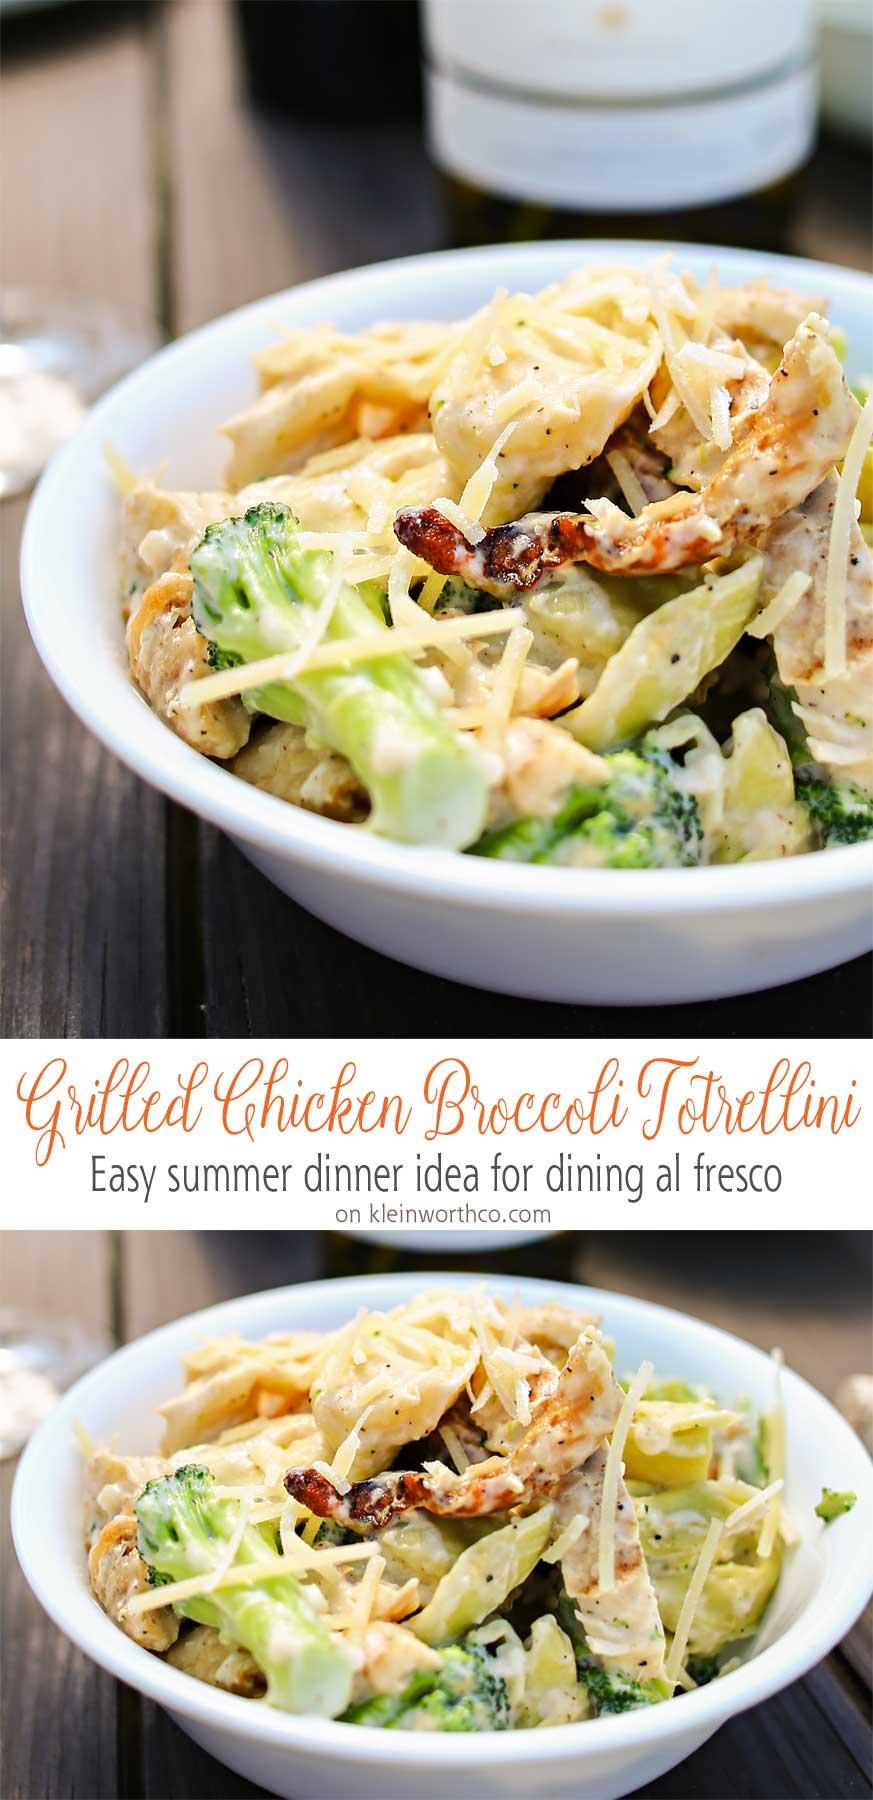 Grilled-Chicken-Broccoli-Tortellini-1800